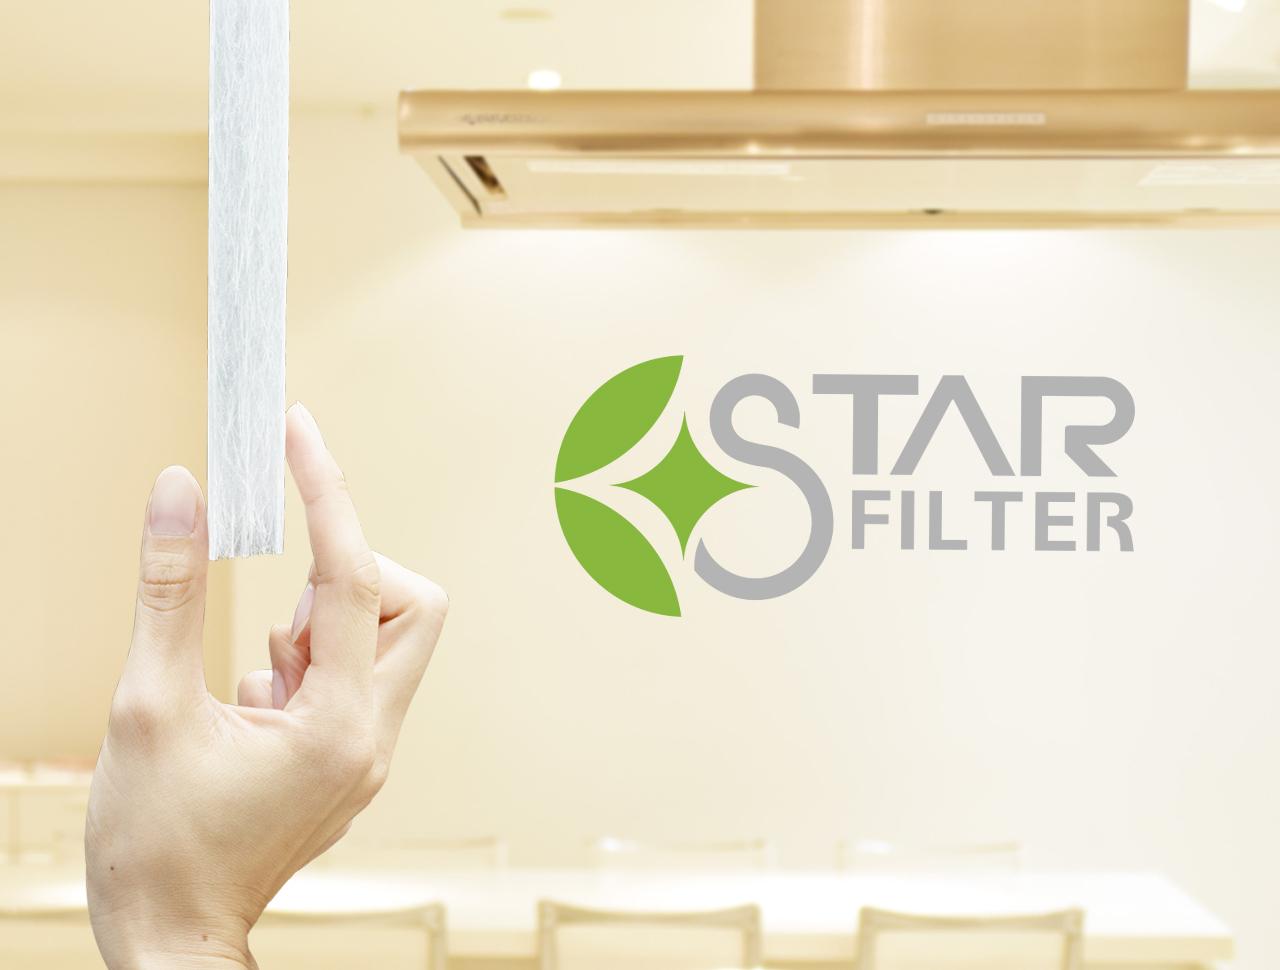 スターフィルター・ロゴ